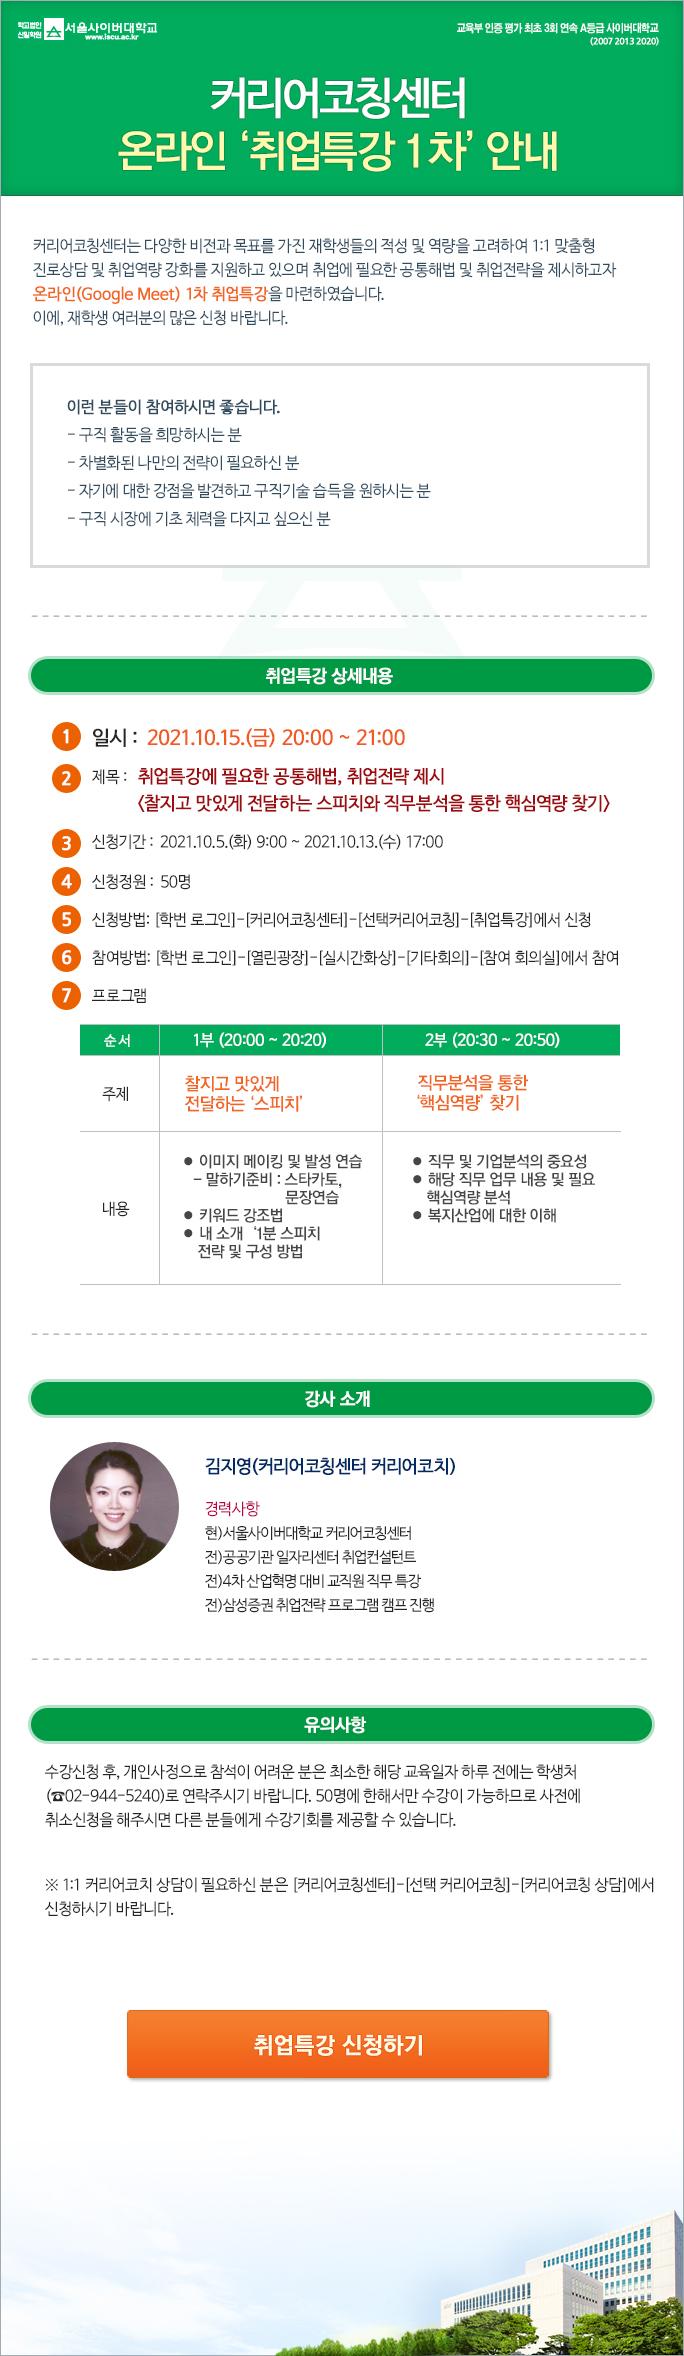 커리어코칭센터  온라인화상 '1차 취업특강' 안내